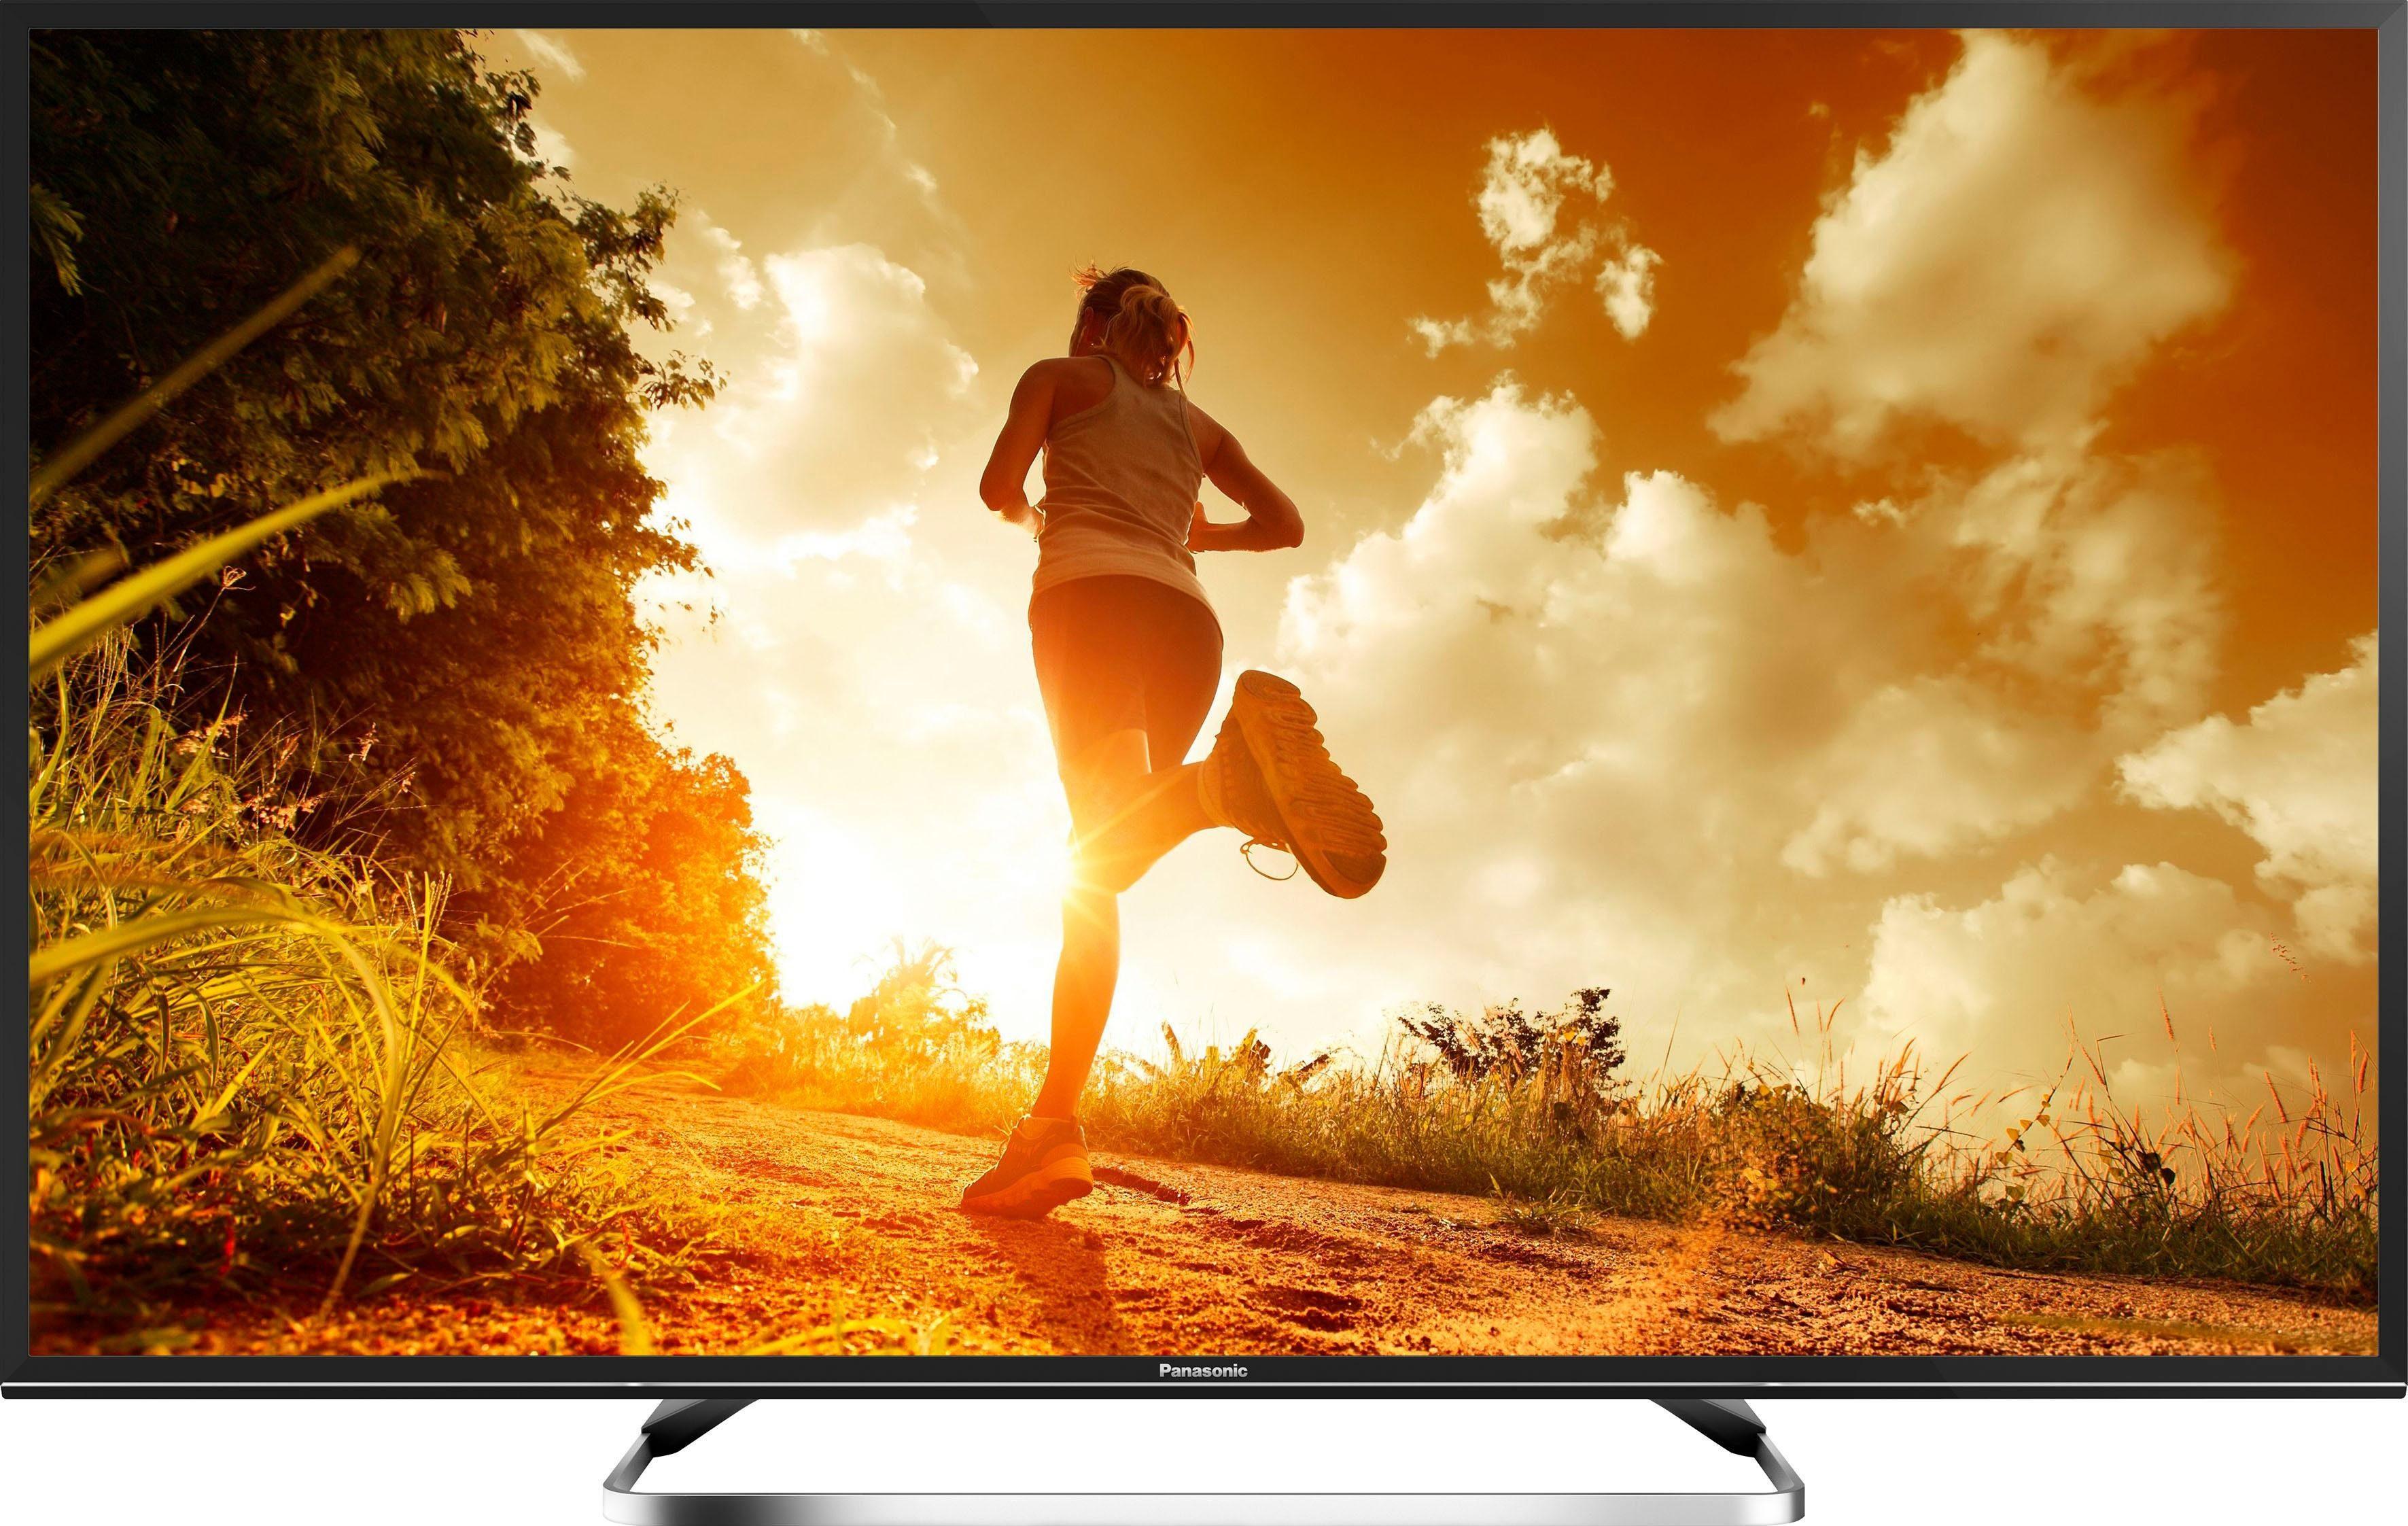 Panasonic TX-43FSW504S LED-Fernseher (108 cm/43 Zoll, Full HD, Smart-TV)